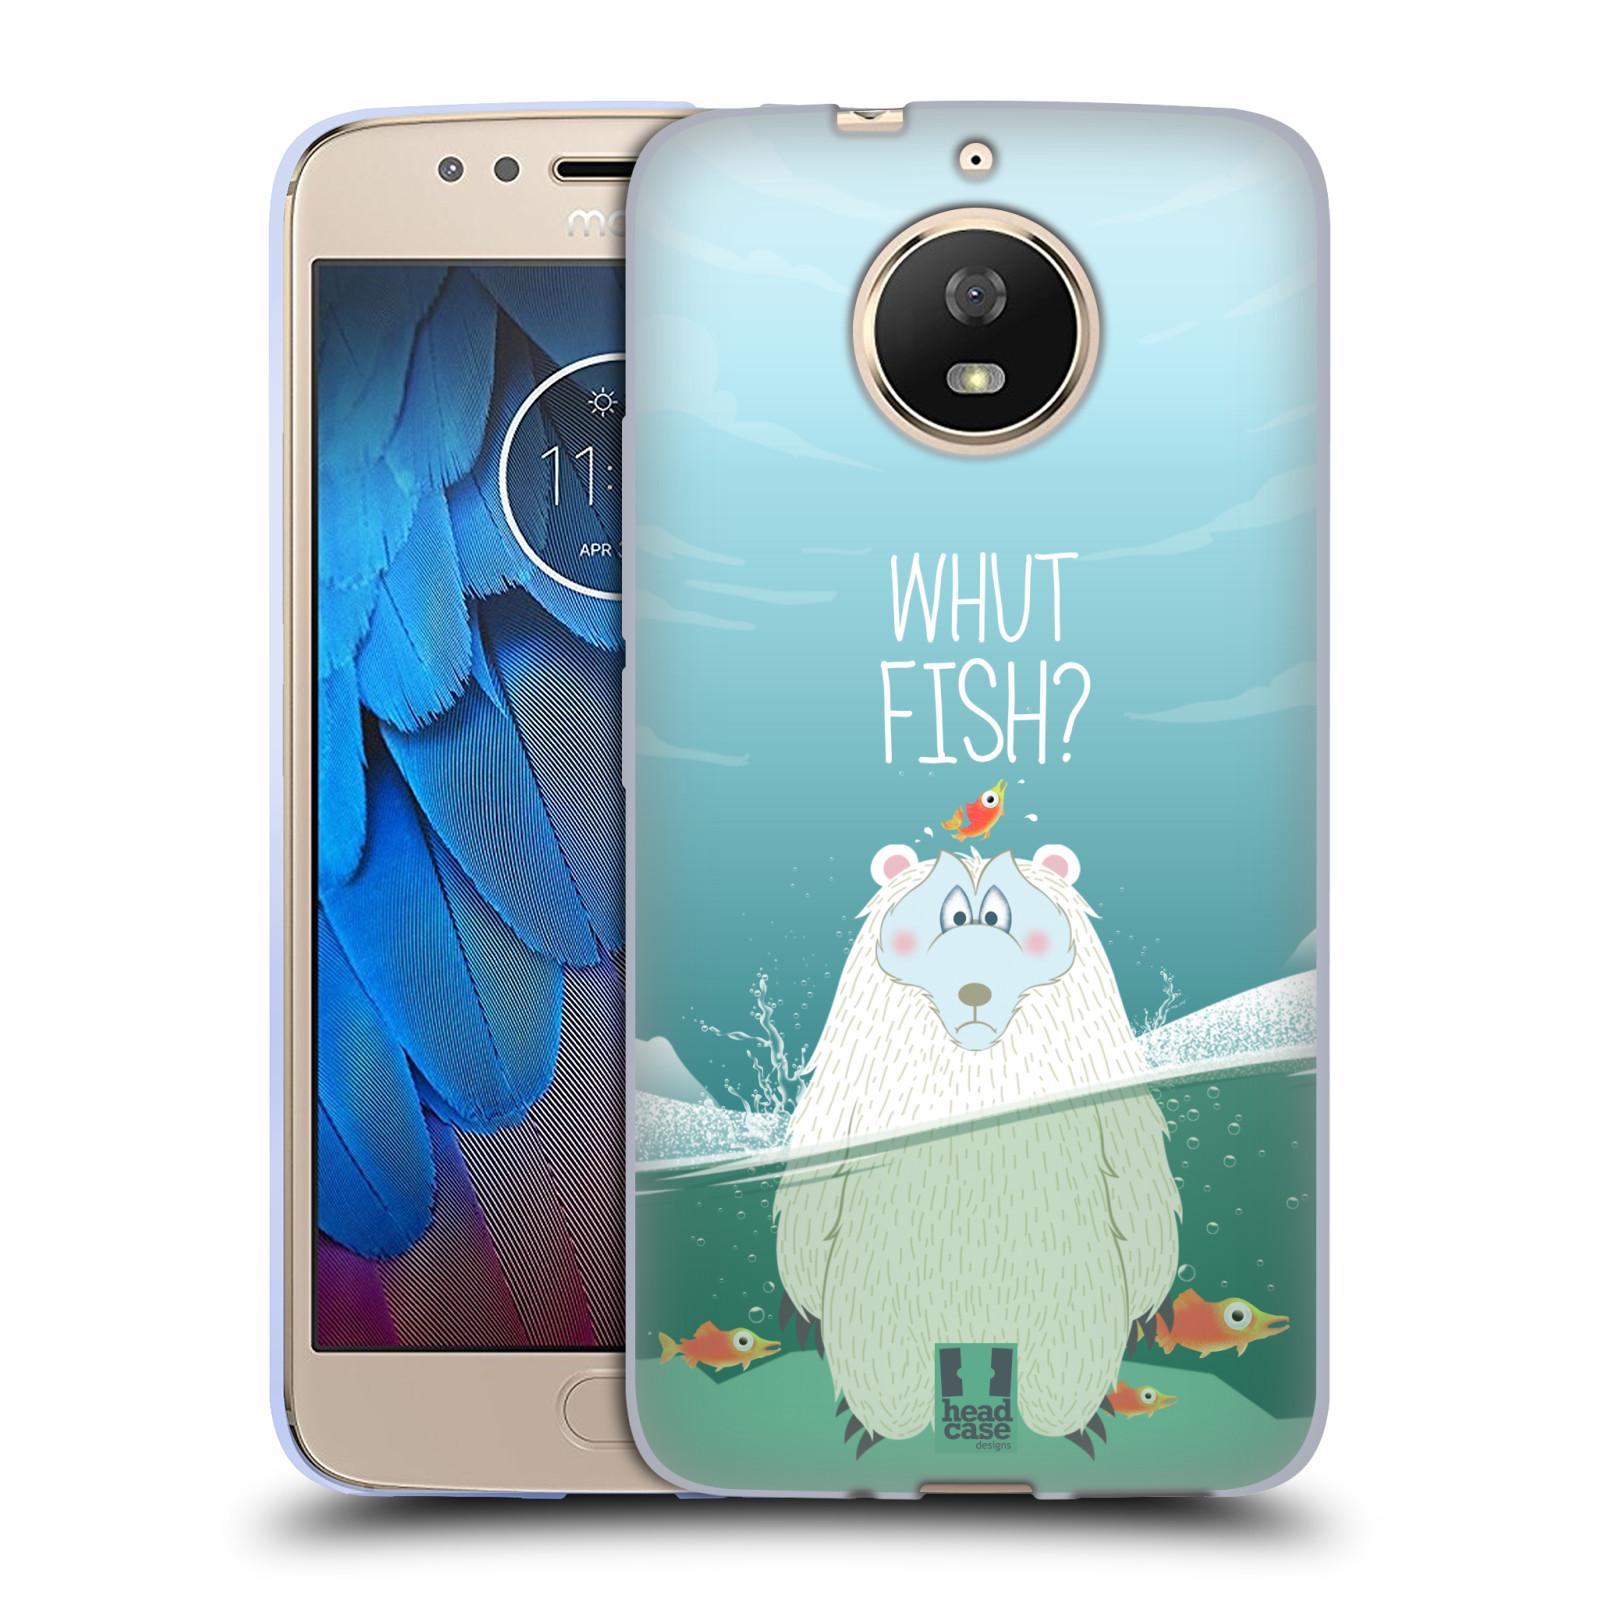 Silikonové pouzdro na mobil Lenovo Moto G5s - Head Case - Medvěd Whut Fish?